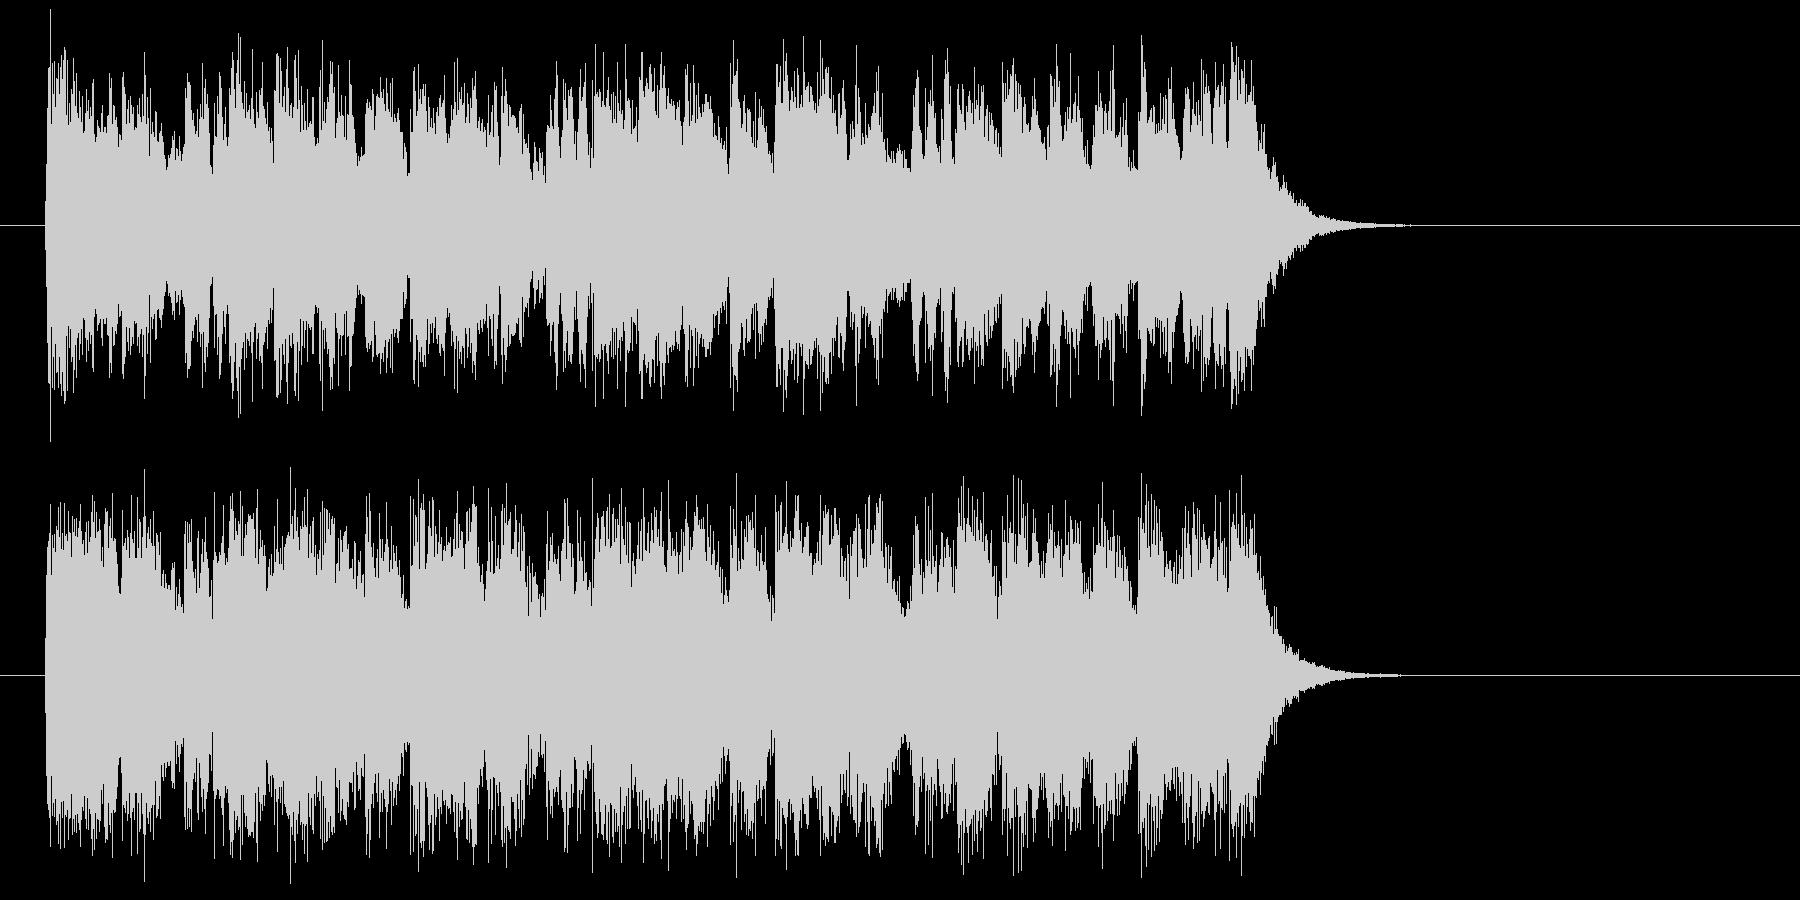 勇者のオーケストラ風音楽(イントロ)の未再生の波形